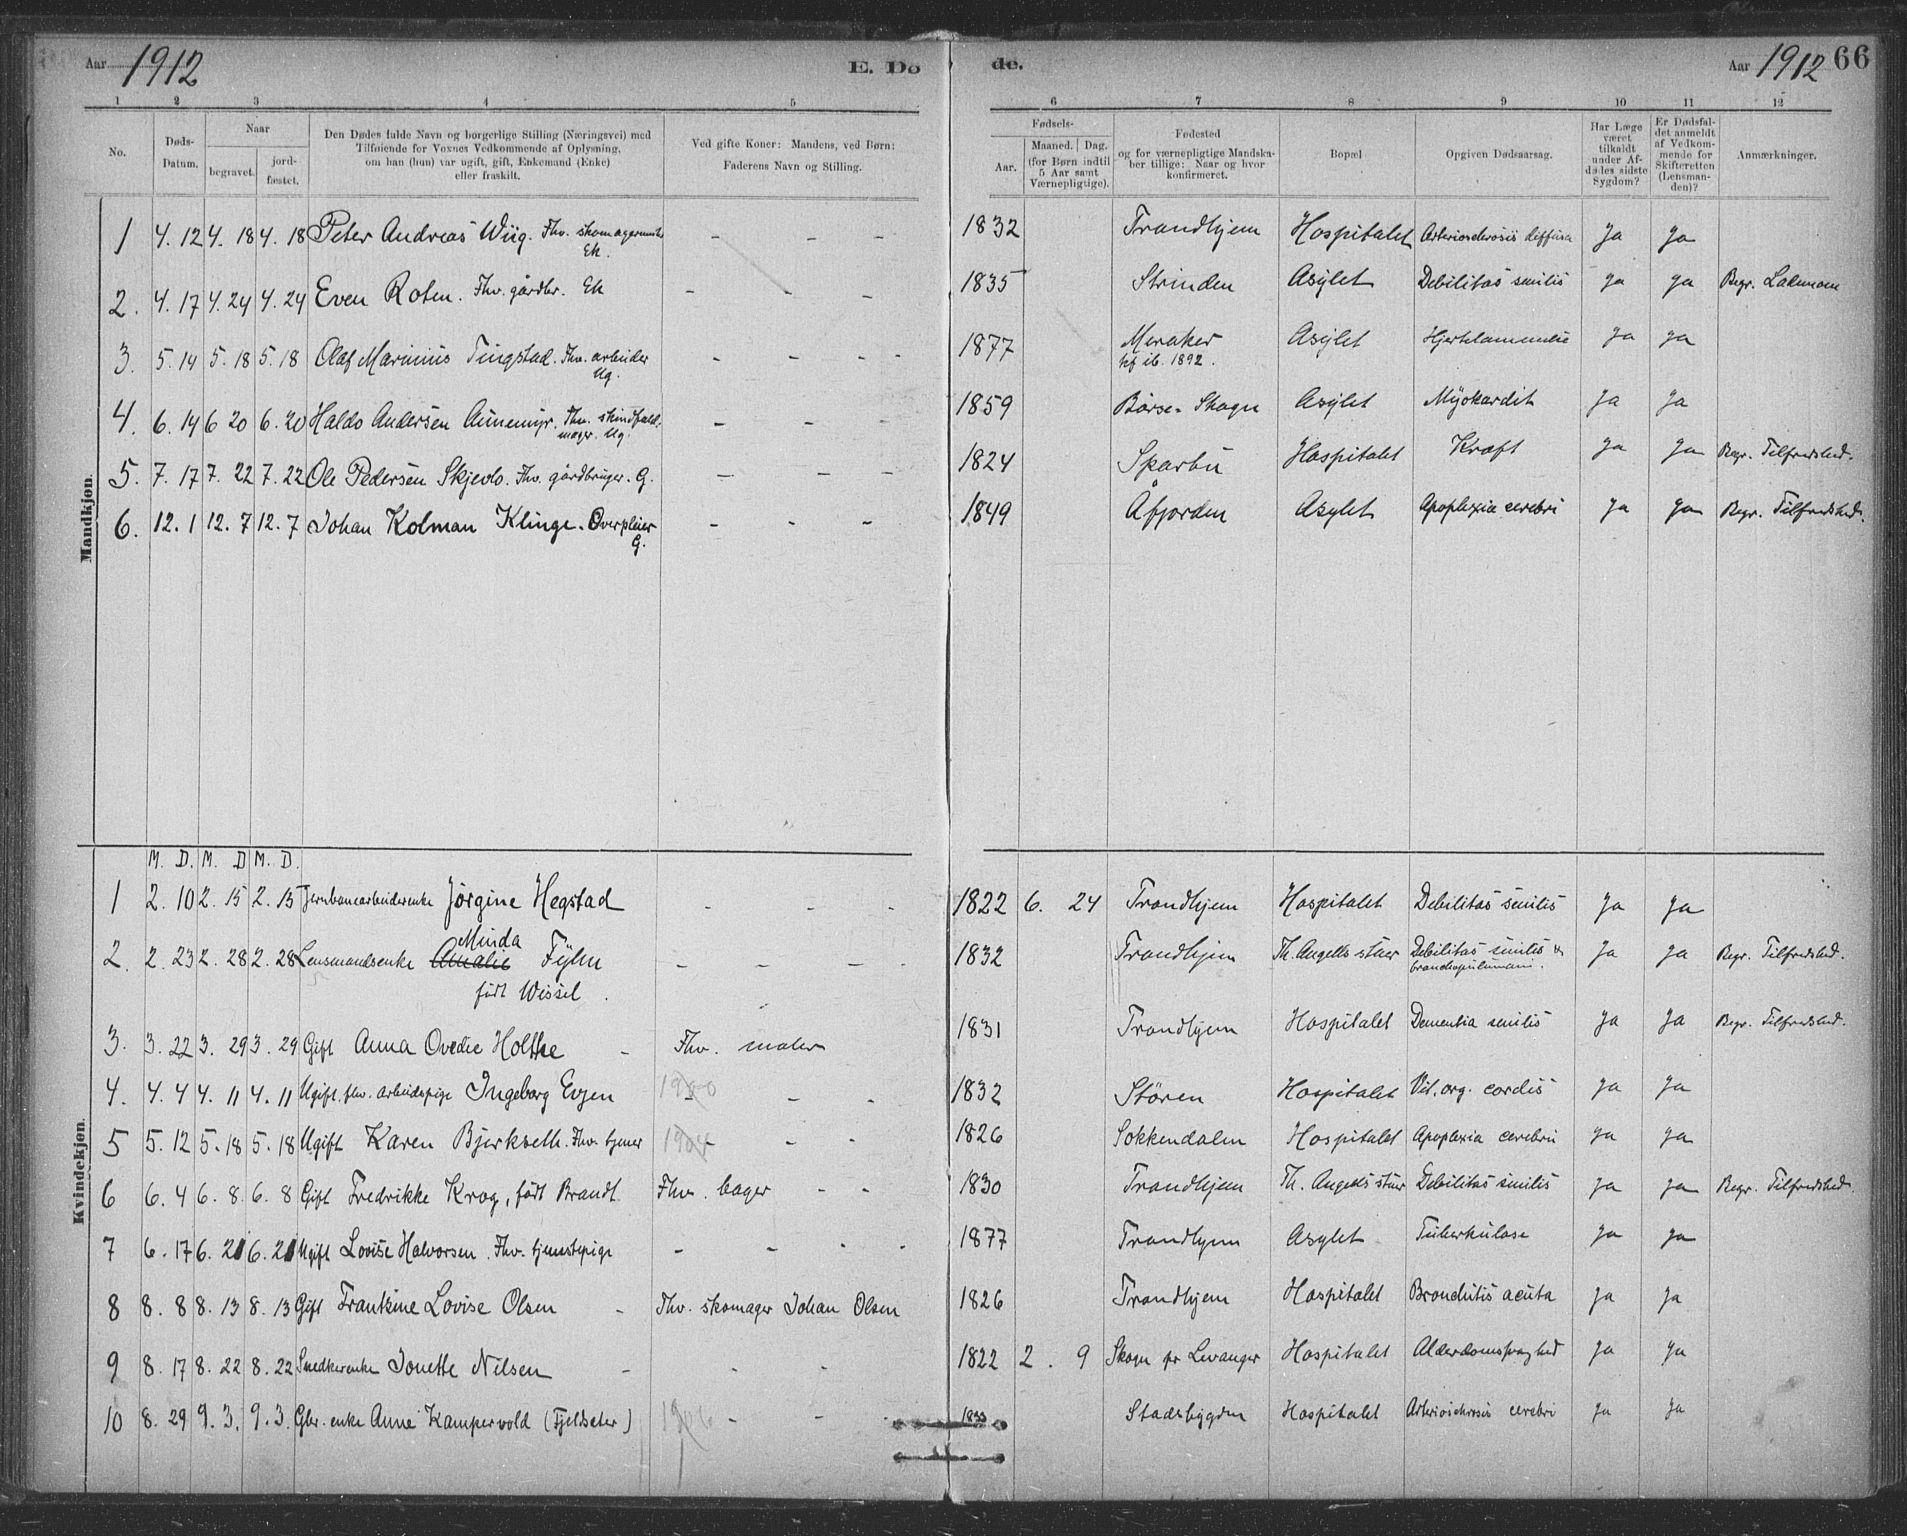 SAT, Ministerialprotokoller, klokkerbøker og fødselsregistre - Sør-Trøndelag, 623/L0470: Ministerialbok nr. 623A04, 1884-1938, s. 66